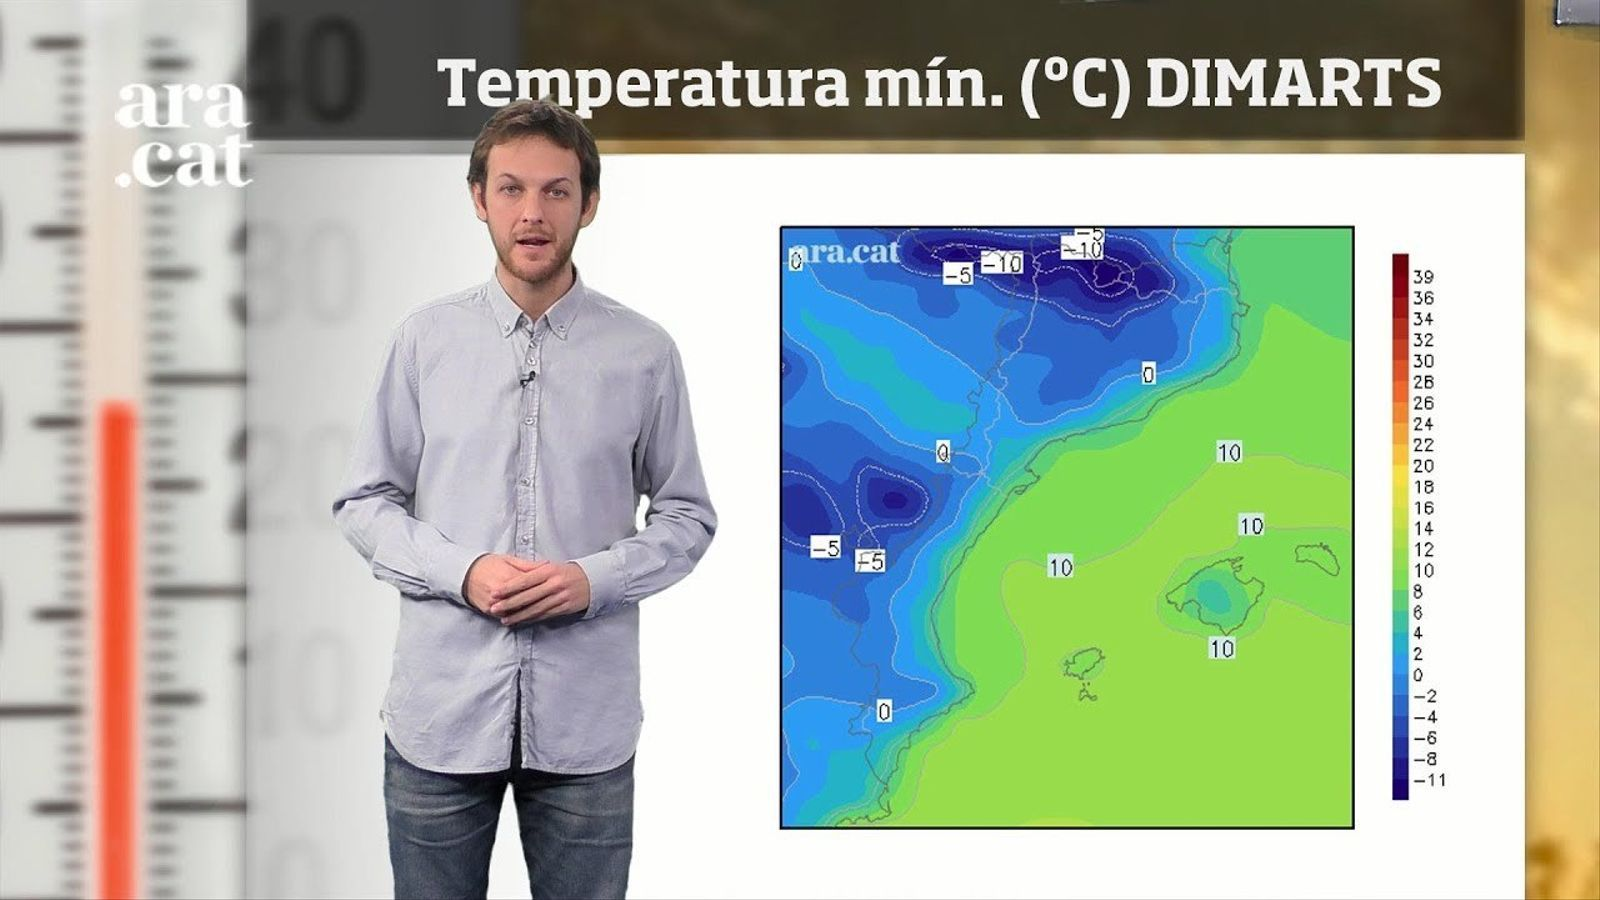 Méteo especial: el fred i el vent s'intensificaran amb el pas dels dies